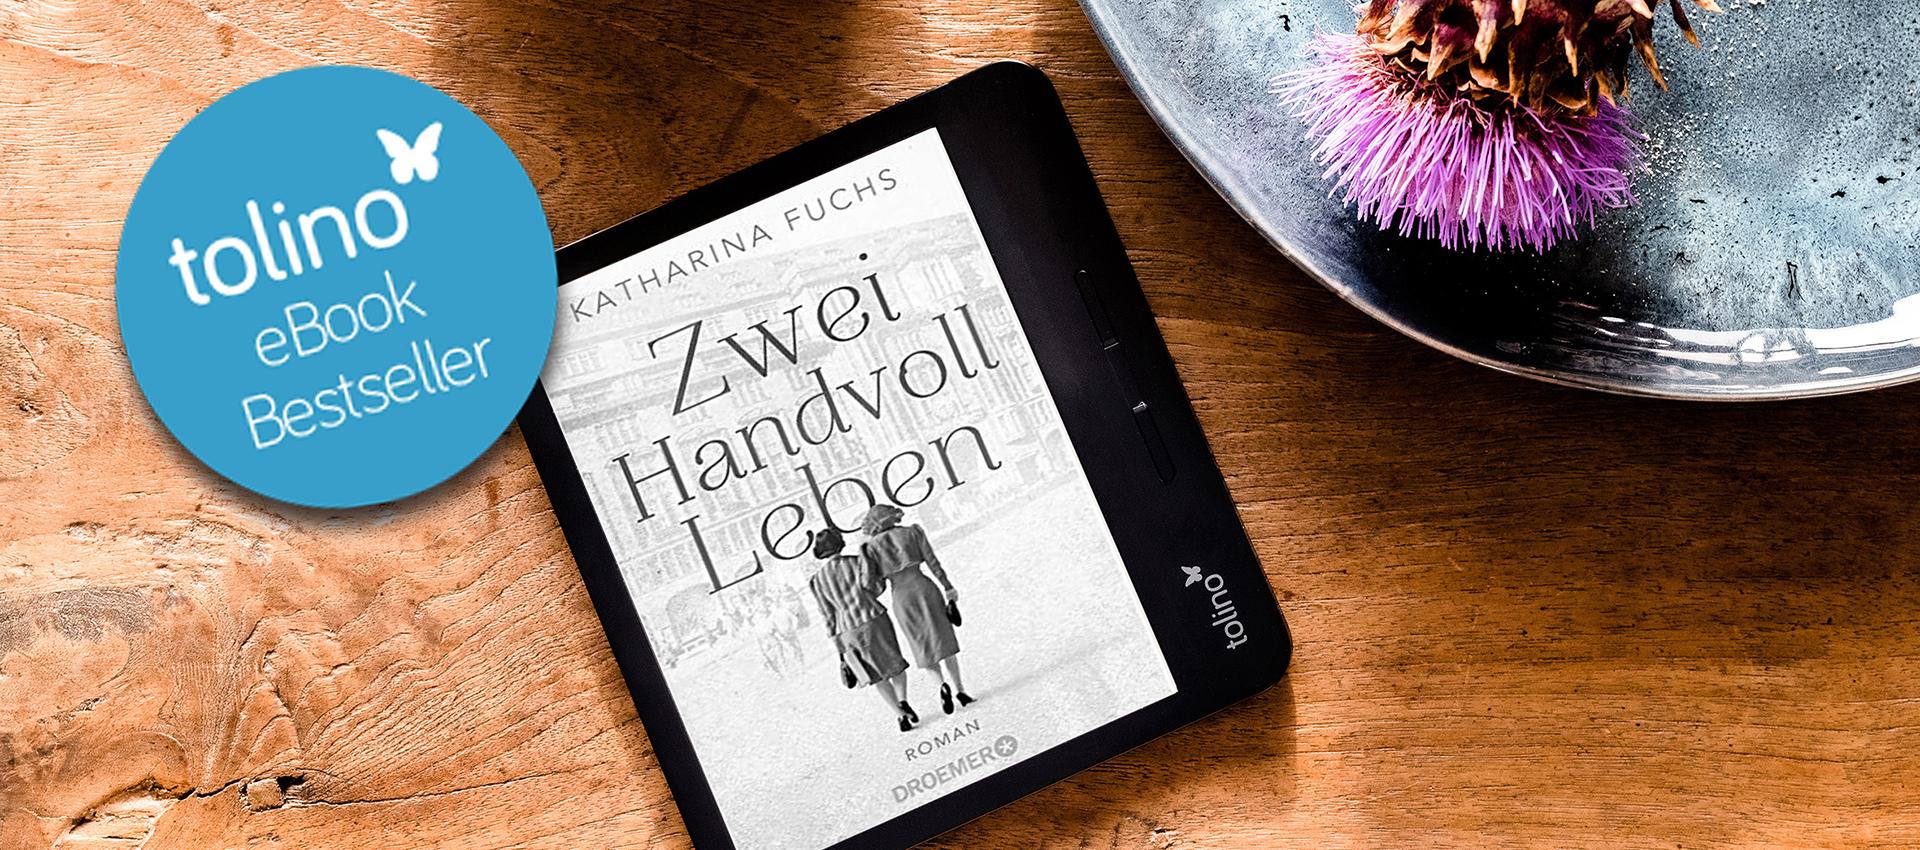 """Ein tolino-eReader liegt auf Tisch und zeigt das Cover von """"Zwei Handvoll Leben"""""""